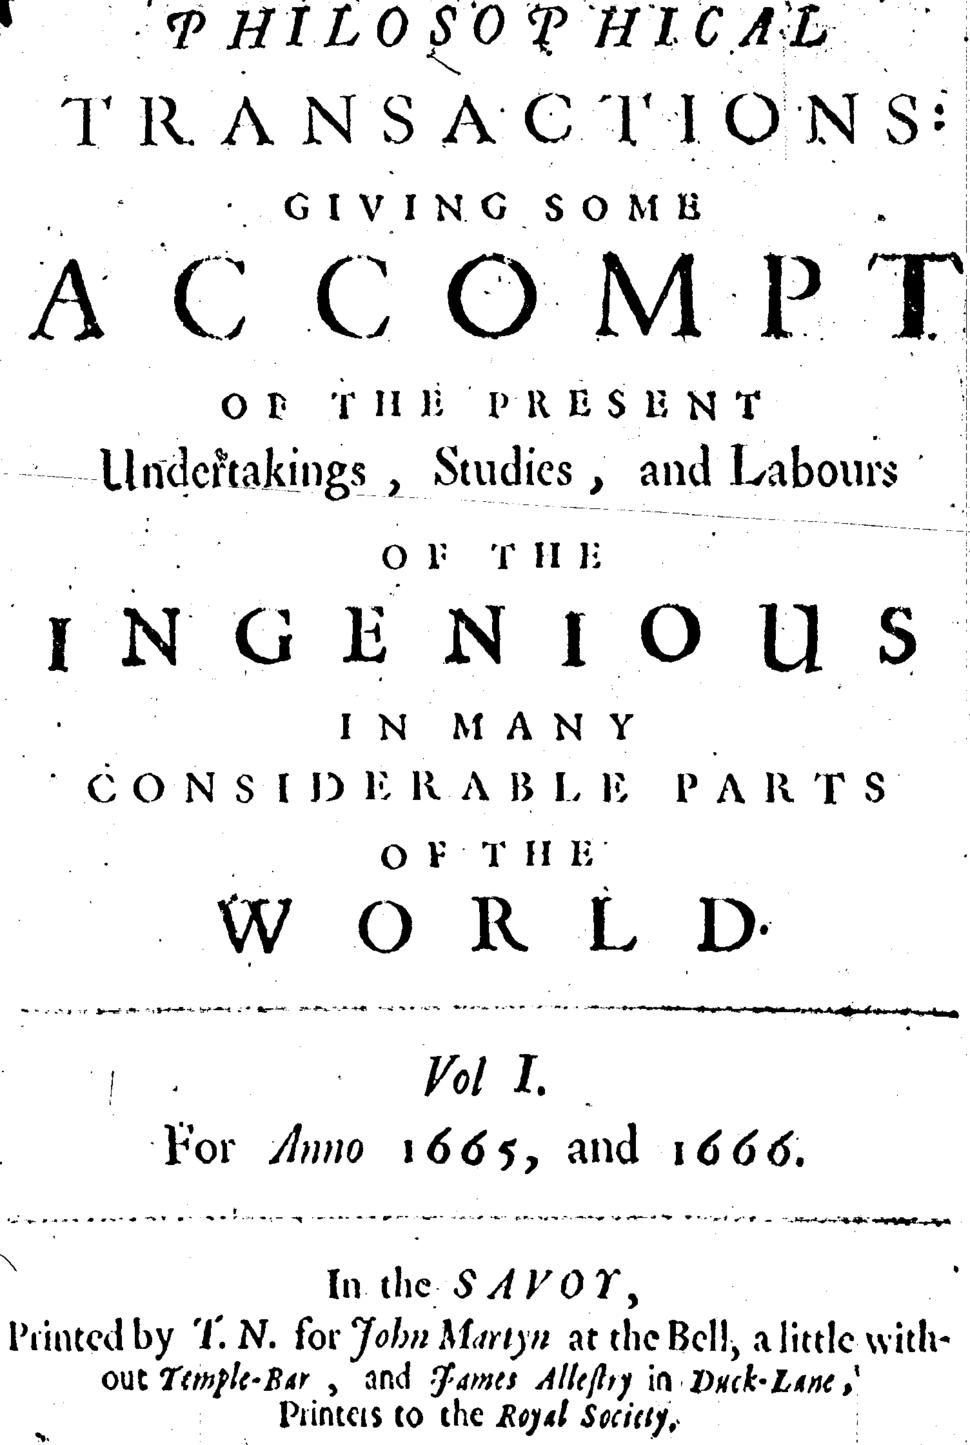 Le premier volume des Philosophical Transactions (1665)